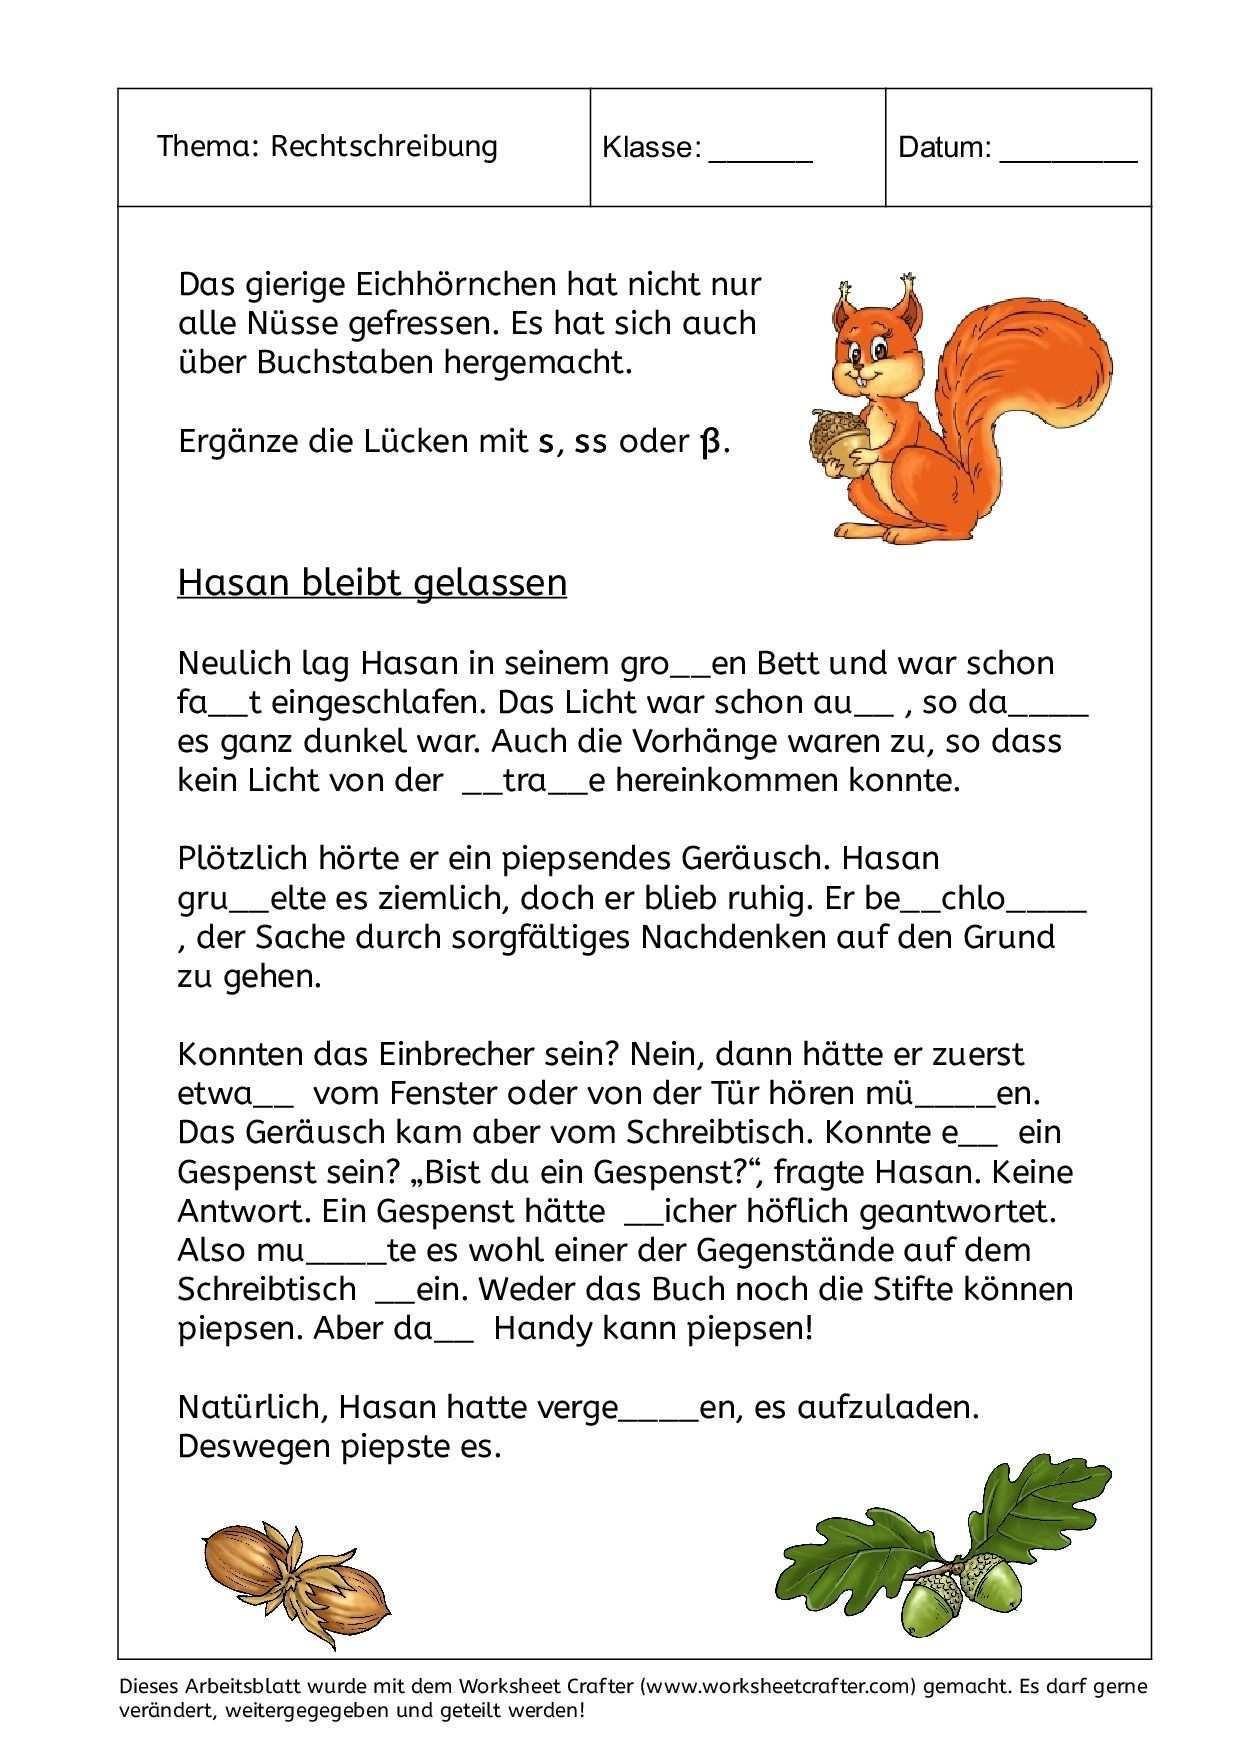 Hier Finden Sie Einige Beispiel Arbeitsblatter Die Allesamt Mit Dem Worksheet Crafter Erstellt Wurden Sie Durfe Rechtschreibung Deutsch Lernen Rechnen Lernen